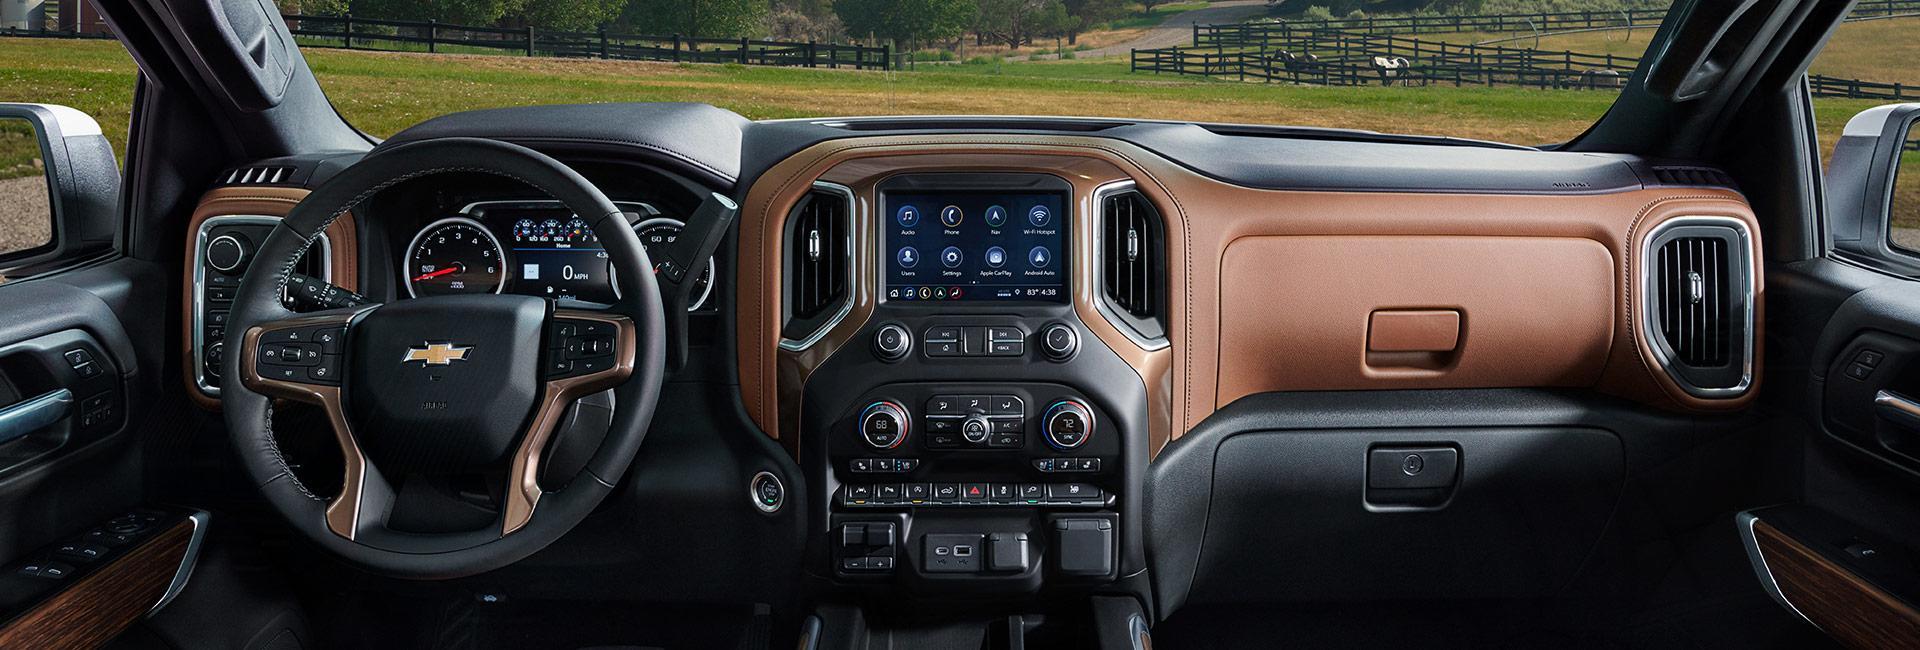 Interior image of the Chevy Silverado